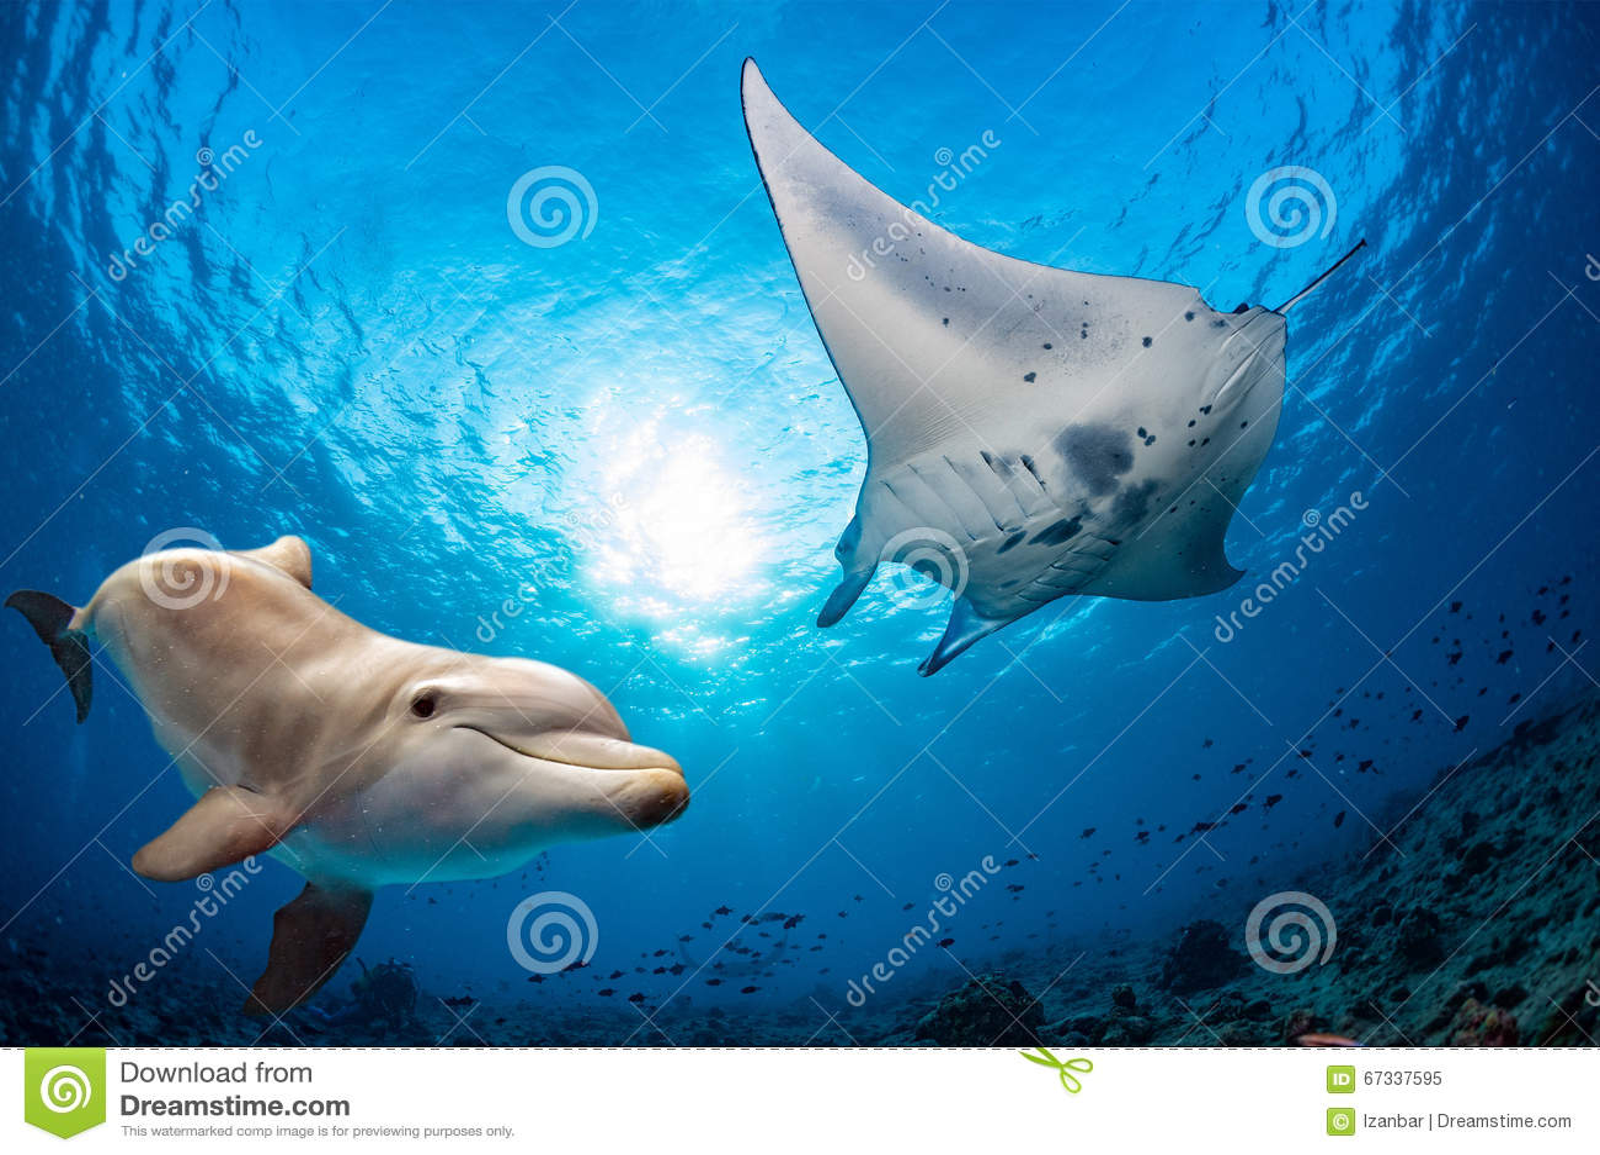 海豚水中遇见一个女用披巾